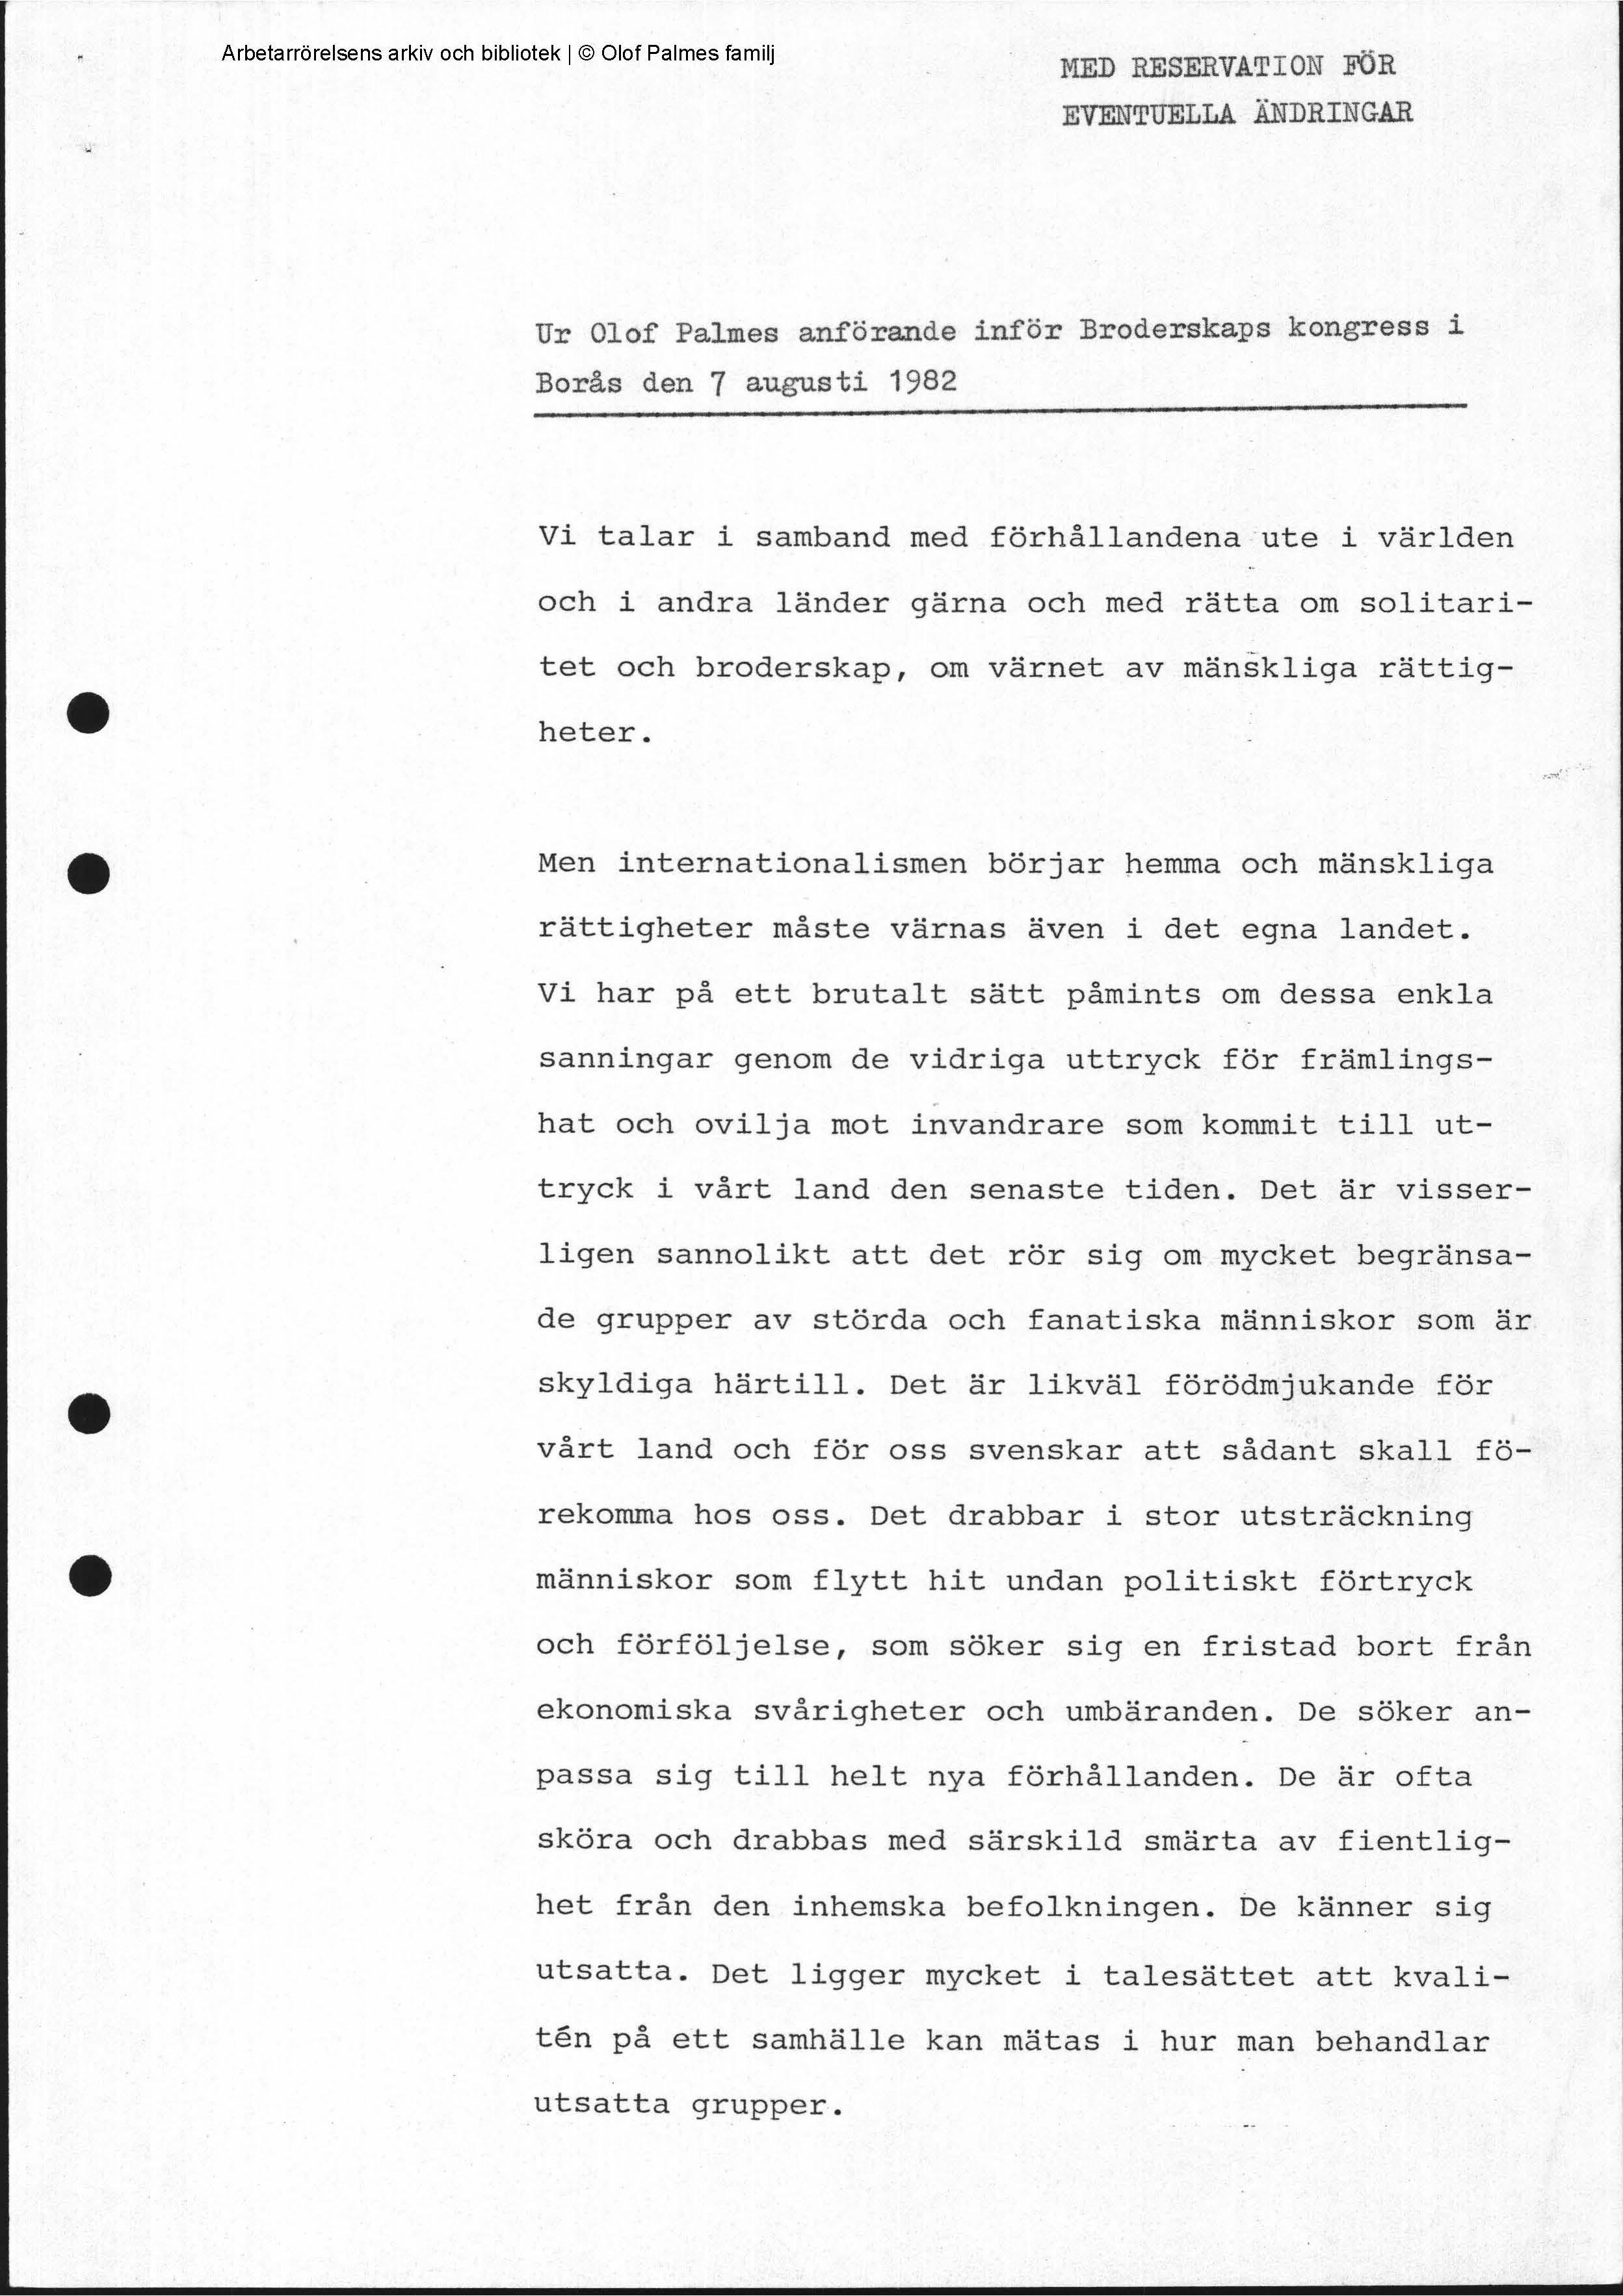 Olof Palmes anförande vid Broderskapsrörelsens kongress 1982